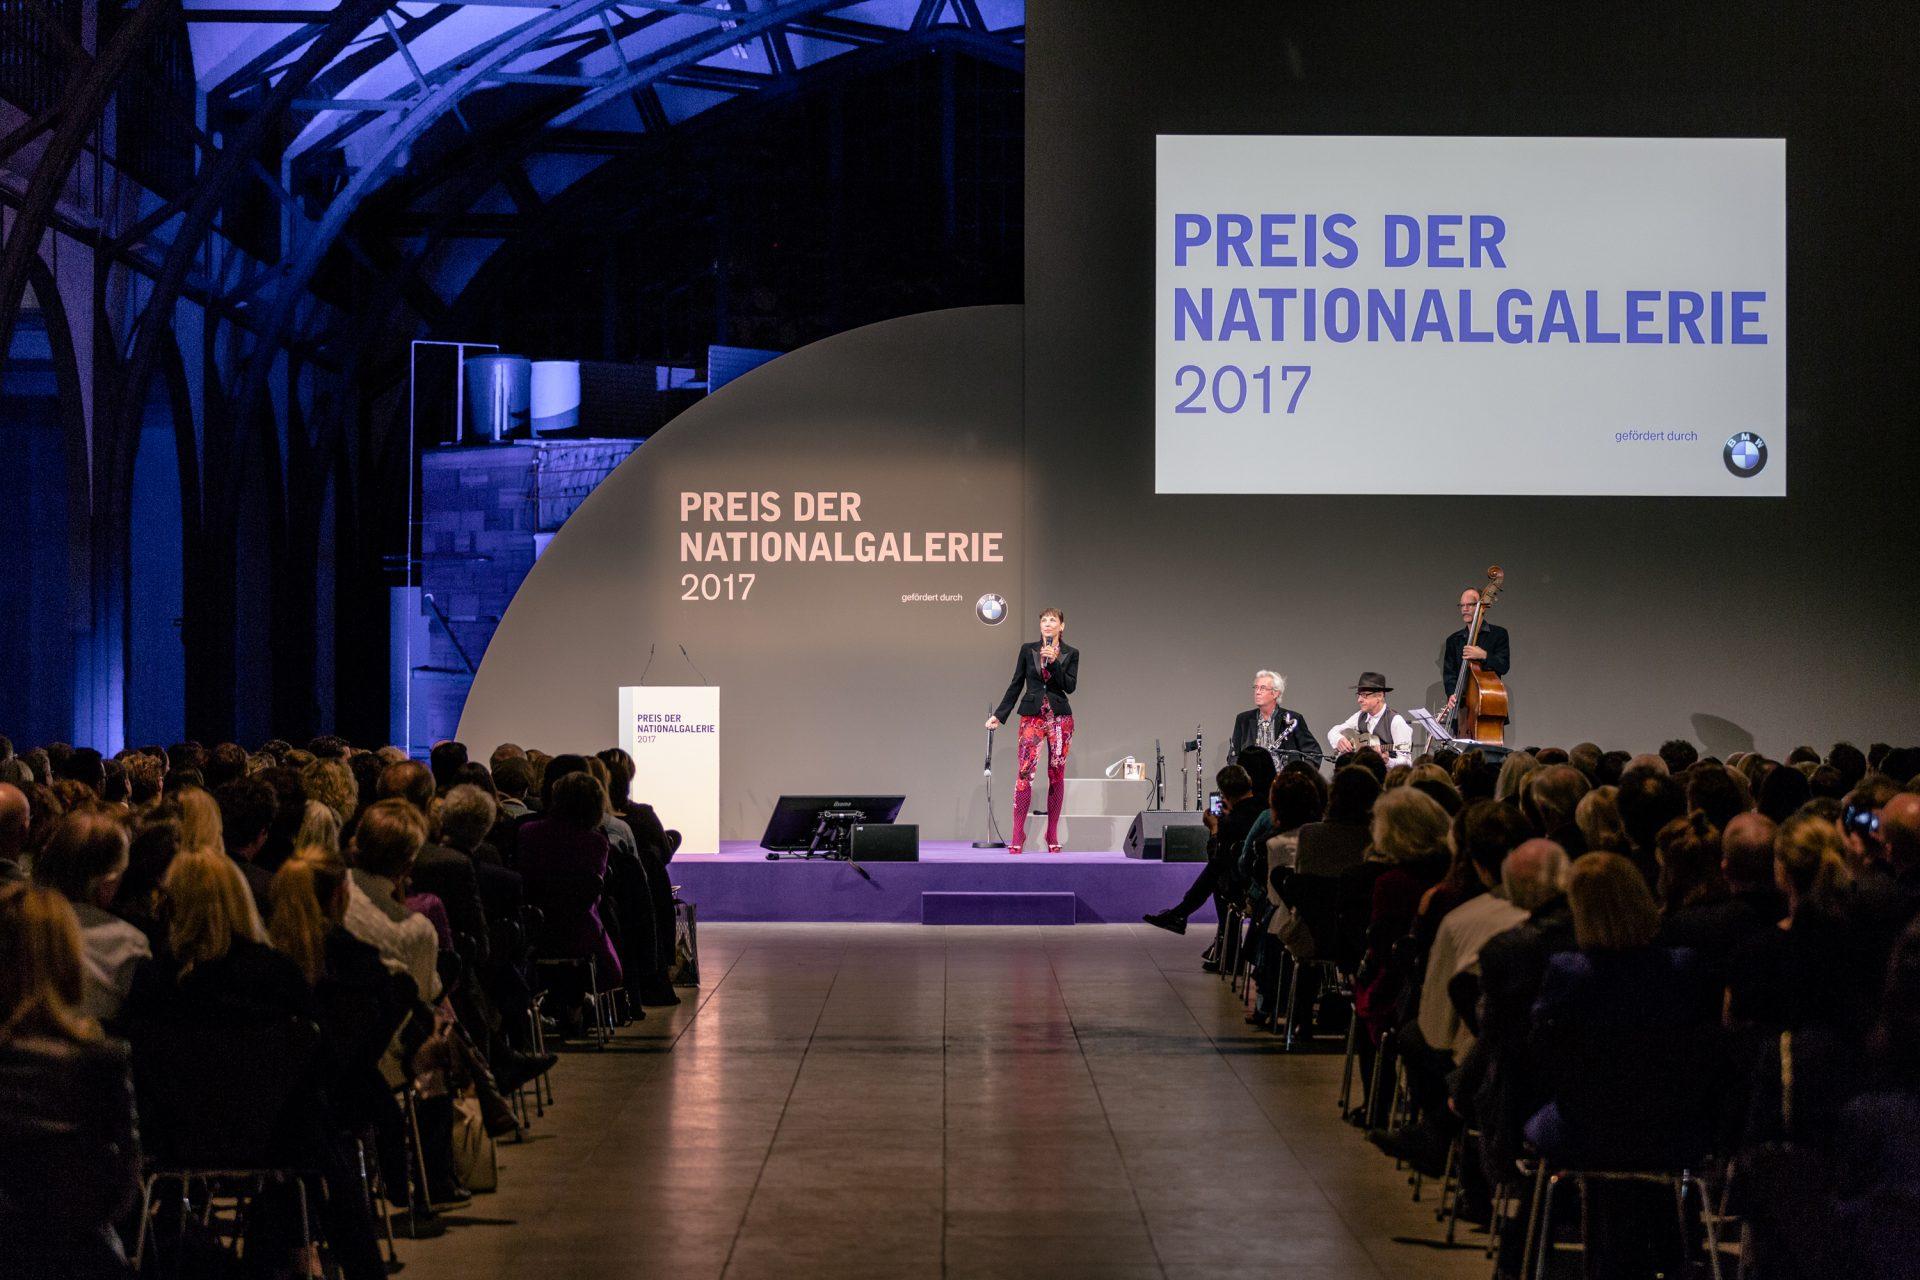 Preis-der-Nationalgalerie_2017